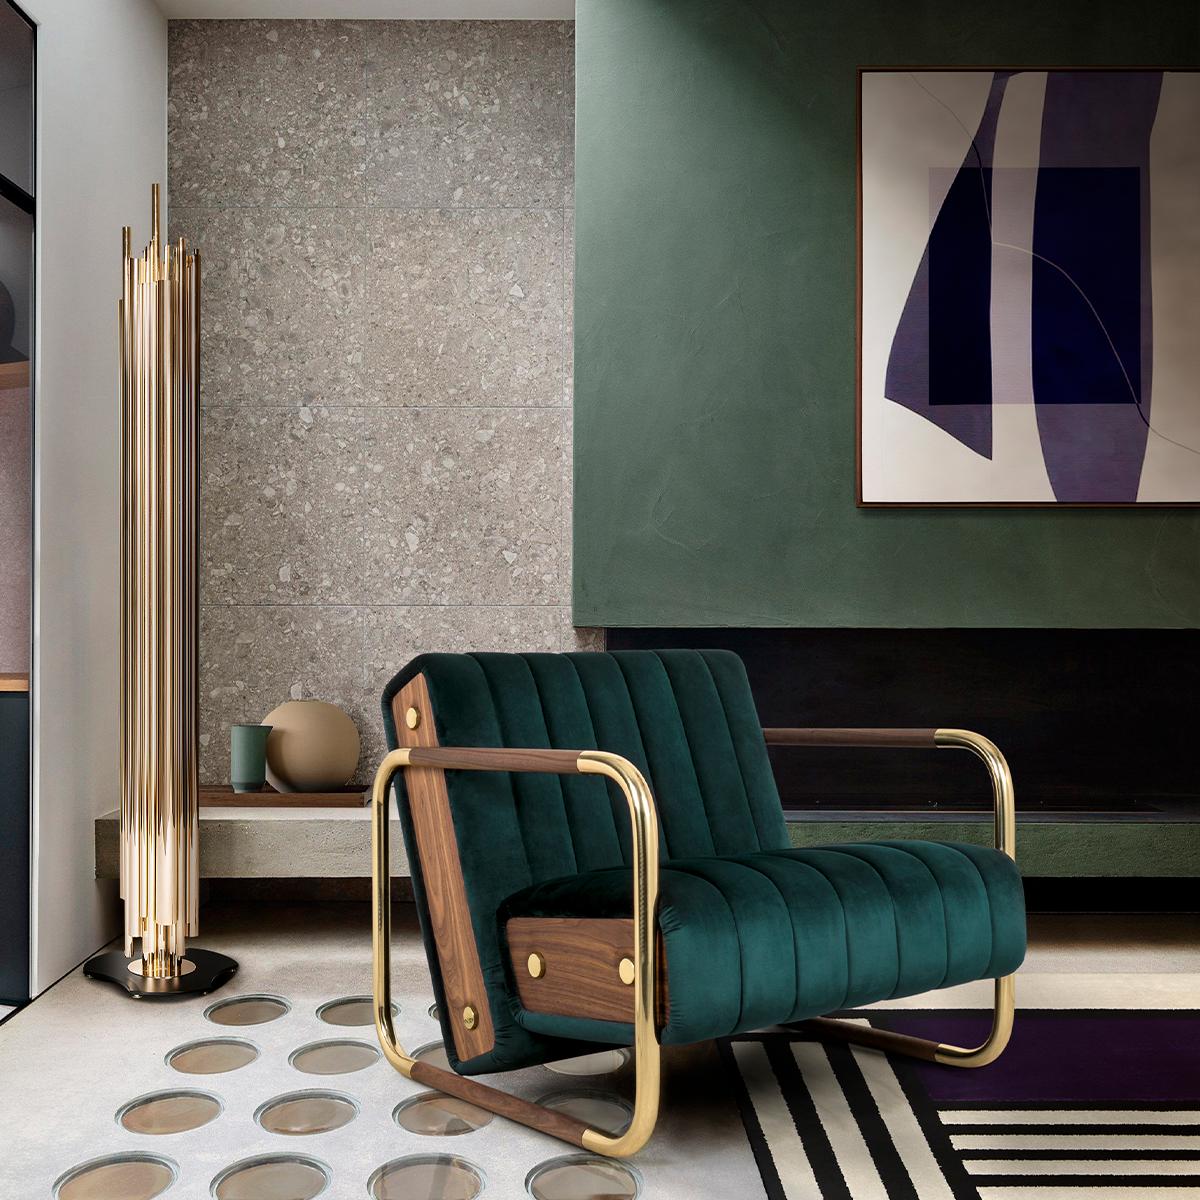 Sillónes Poderosos: Ideas para un proyecto lujuoso y perfecto sillónes poderosos Silllónes Poderosos: Ideas para un proyecto lujuoso y perfecto minelli armchair 1